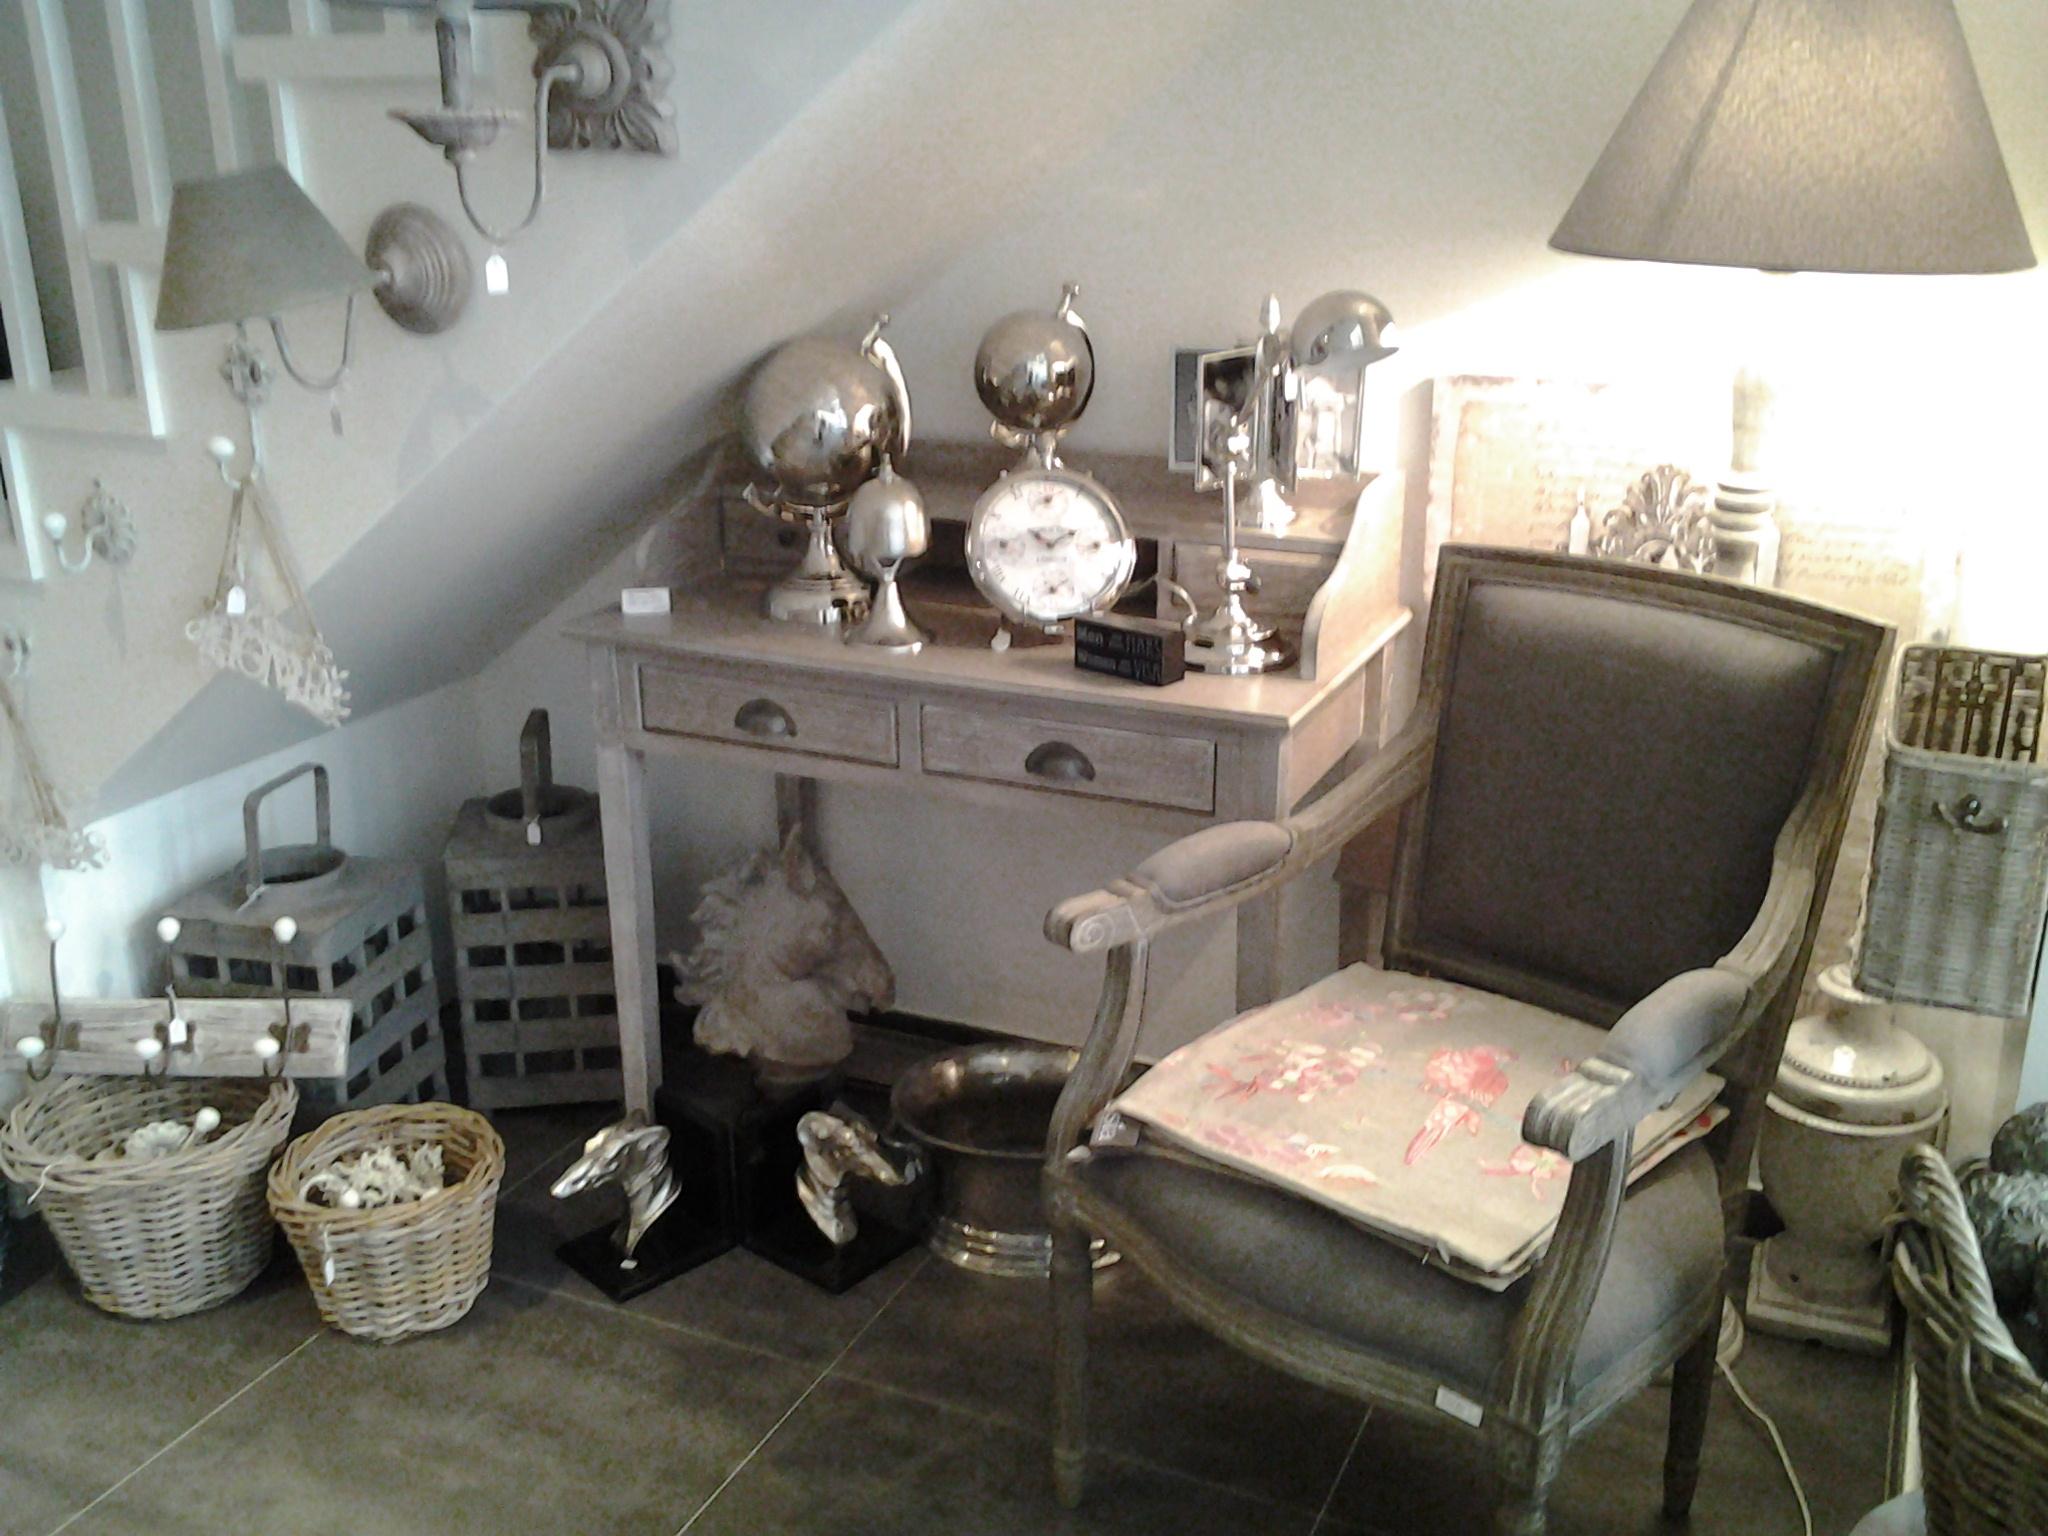 maison de famille kortrijk. Black Bedroom Furniture Sets. Home Design Ideas